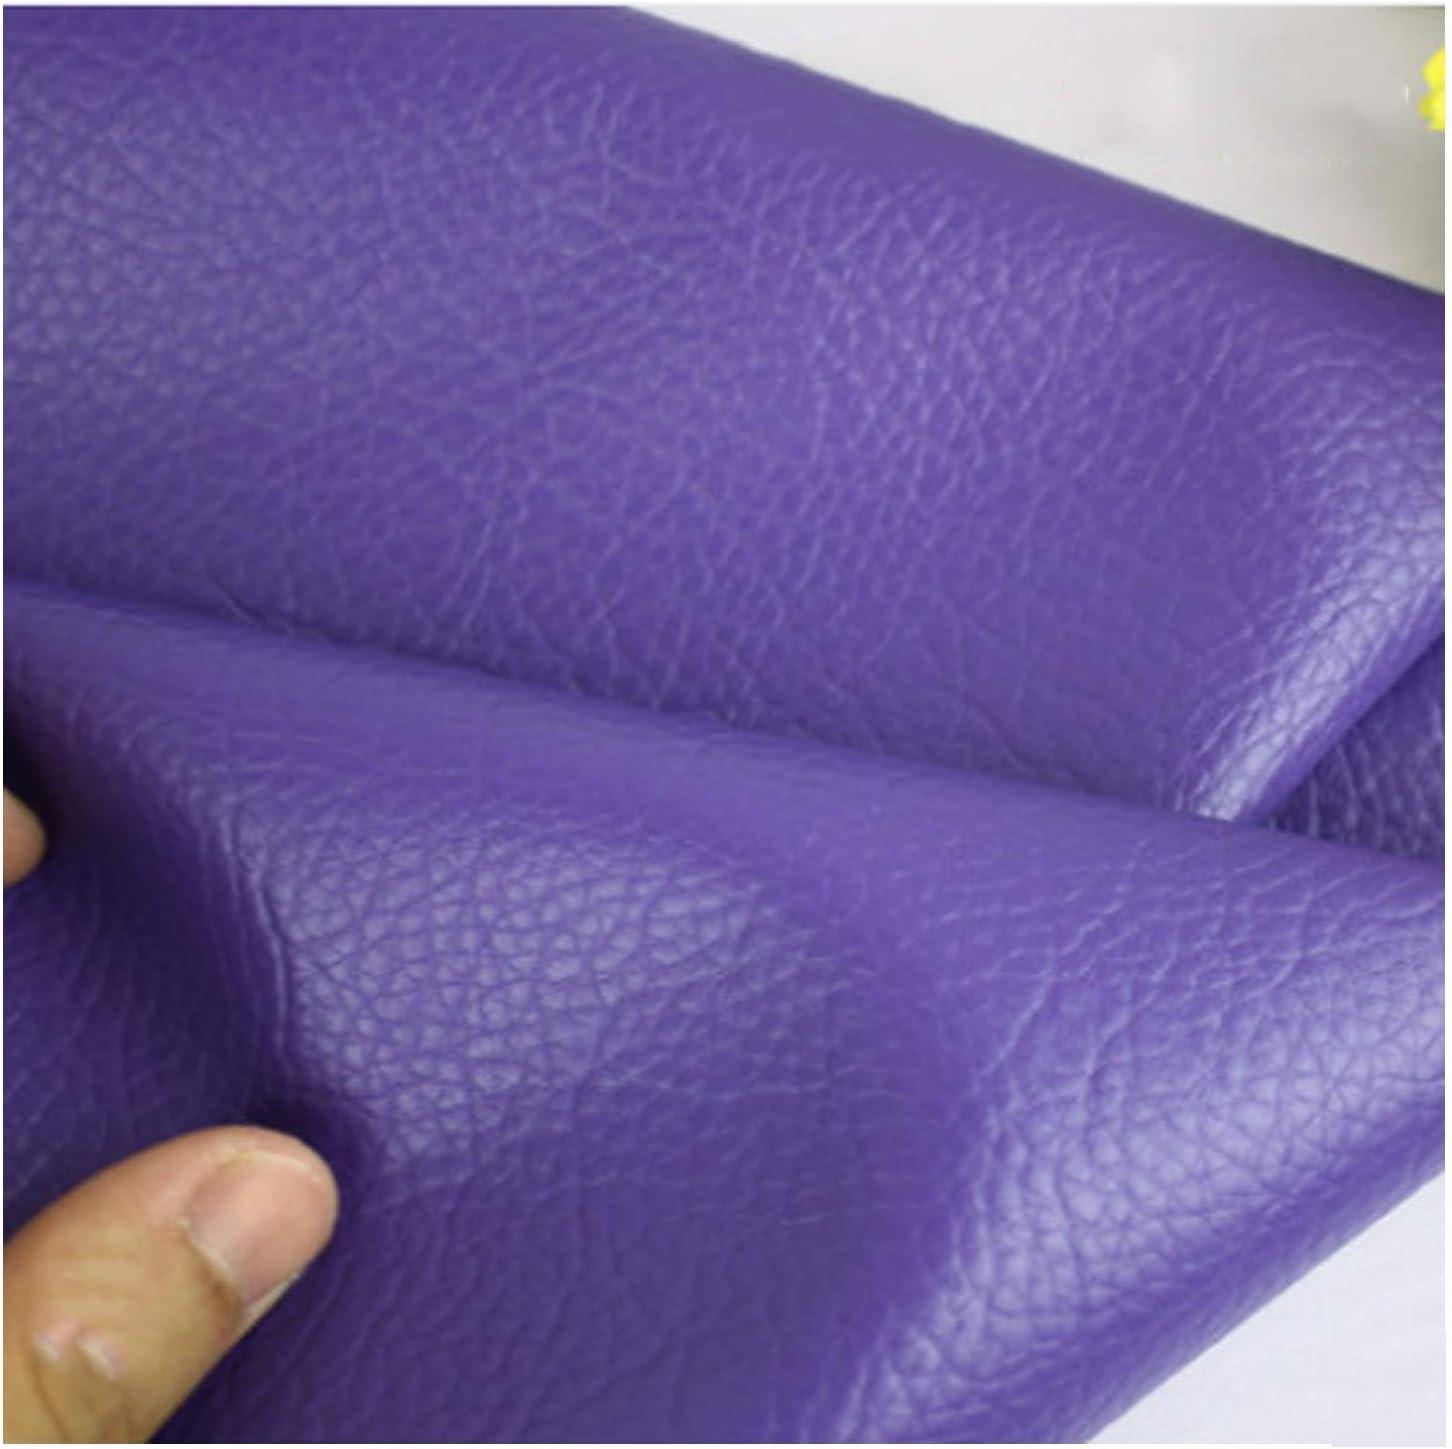 shopping YANGUANG Leatherette Faux Leather Fabric Bargain sale Le Litchi Texture Grain